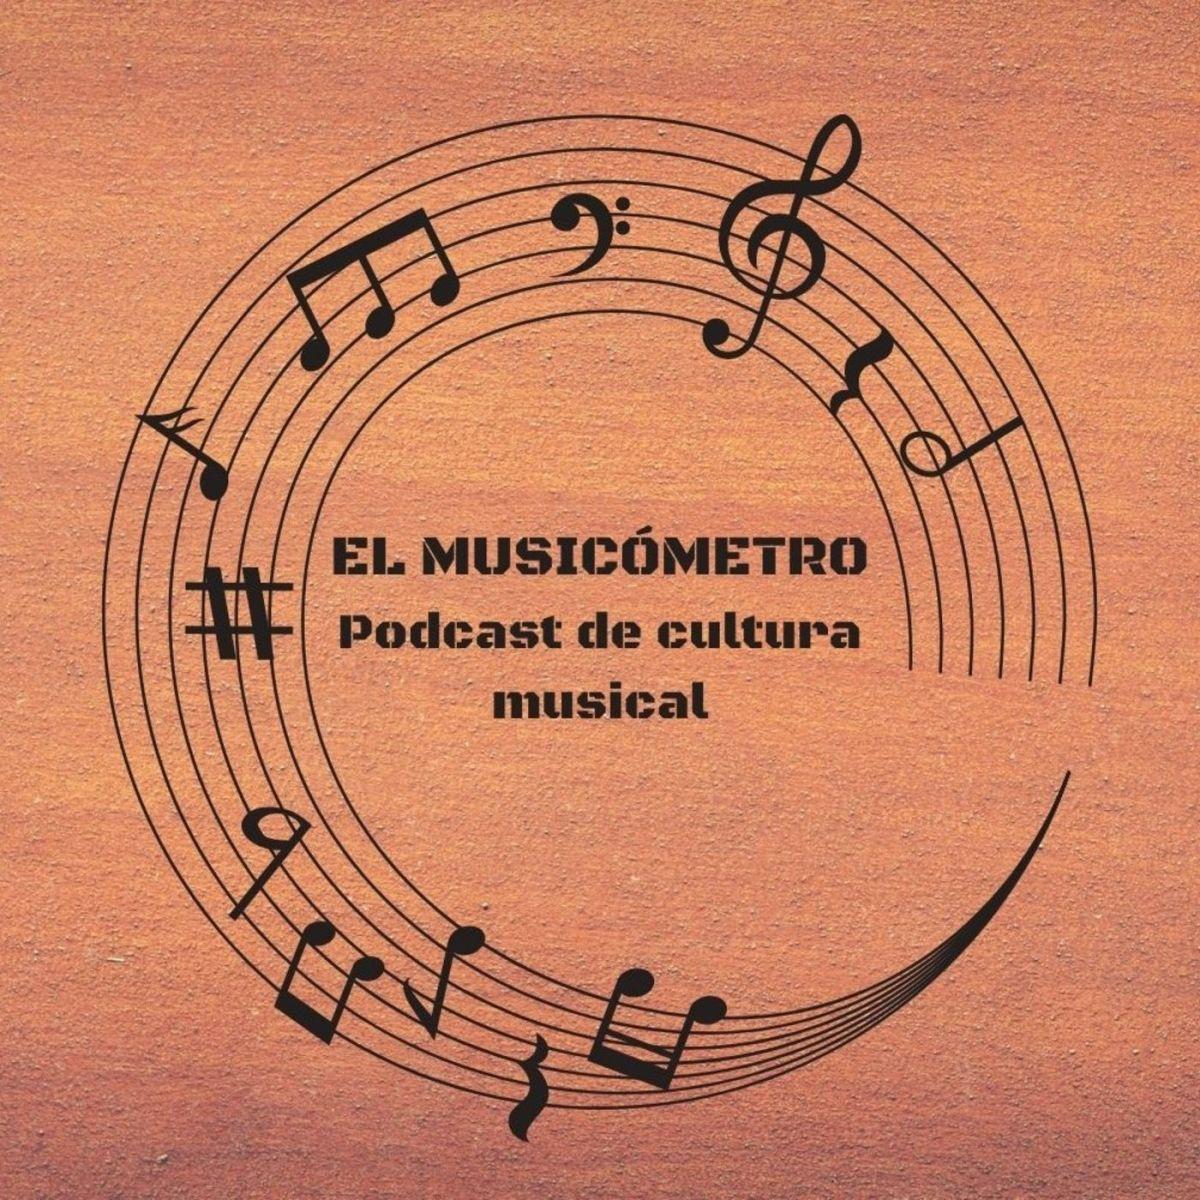 El Musicómetro